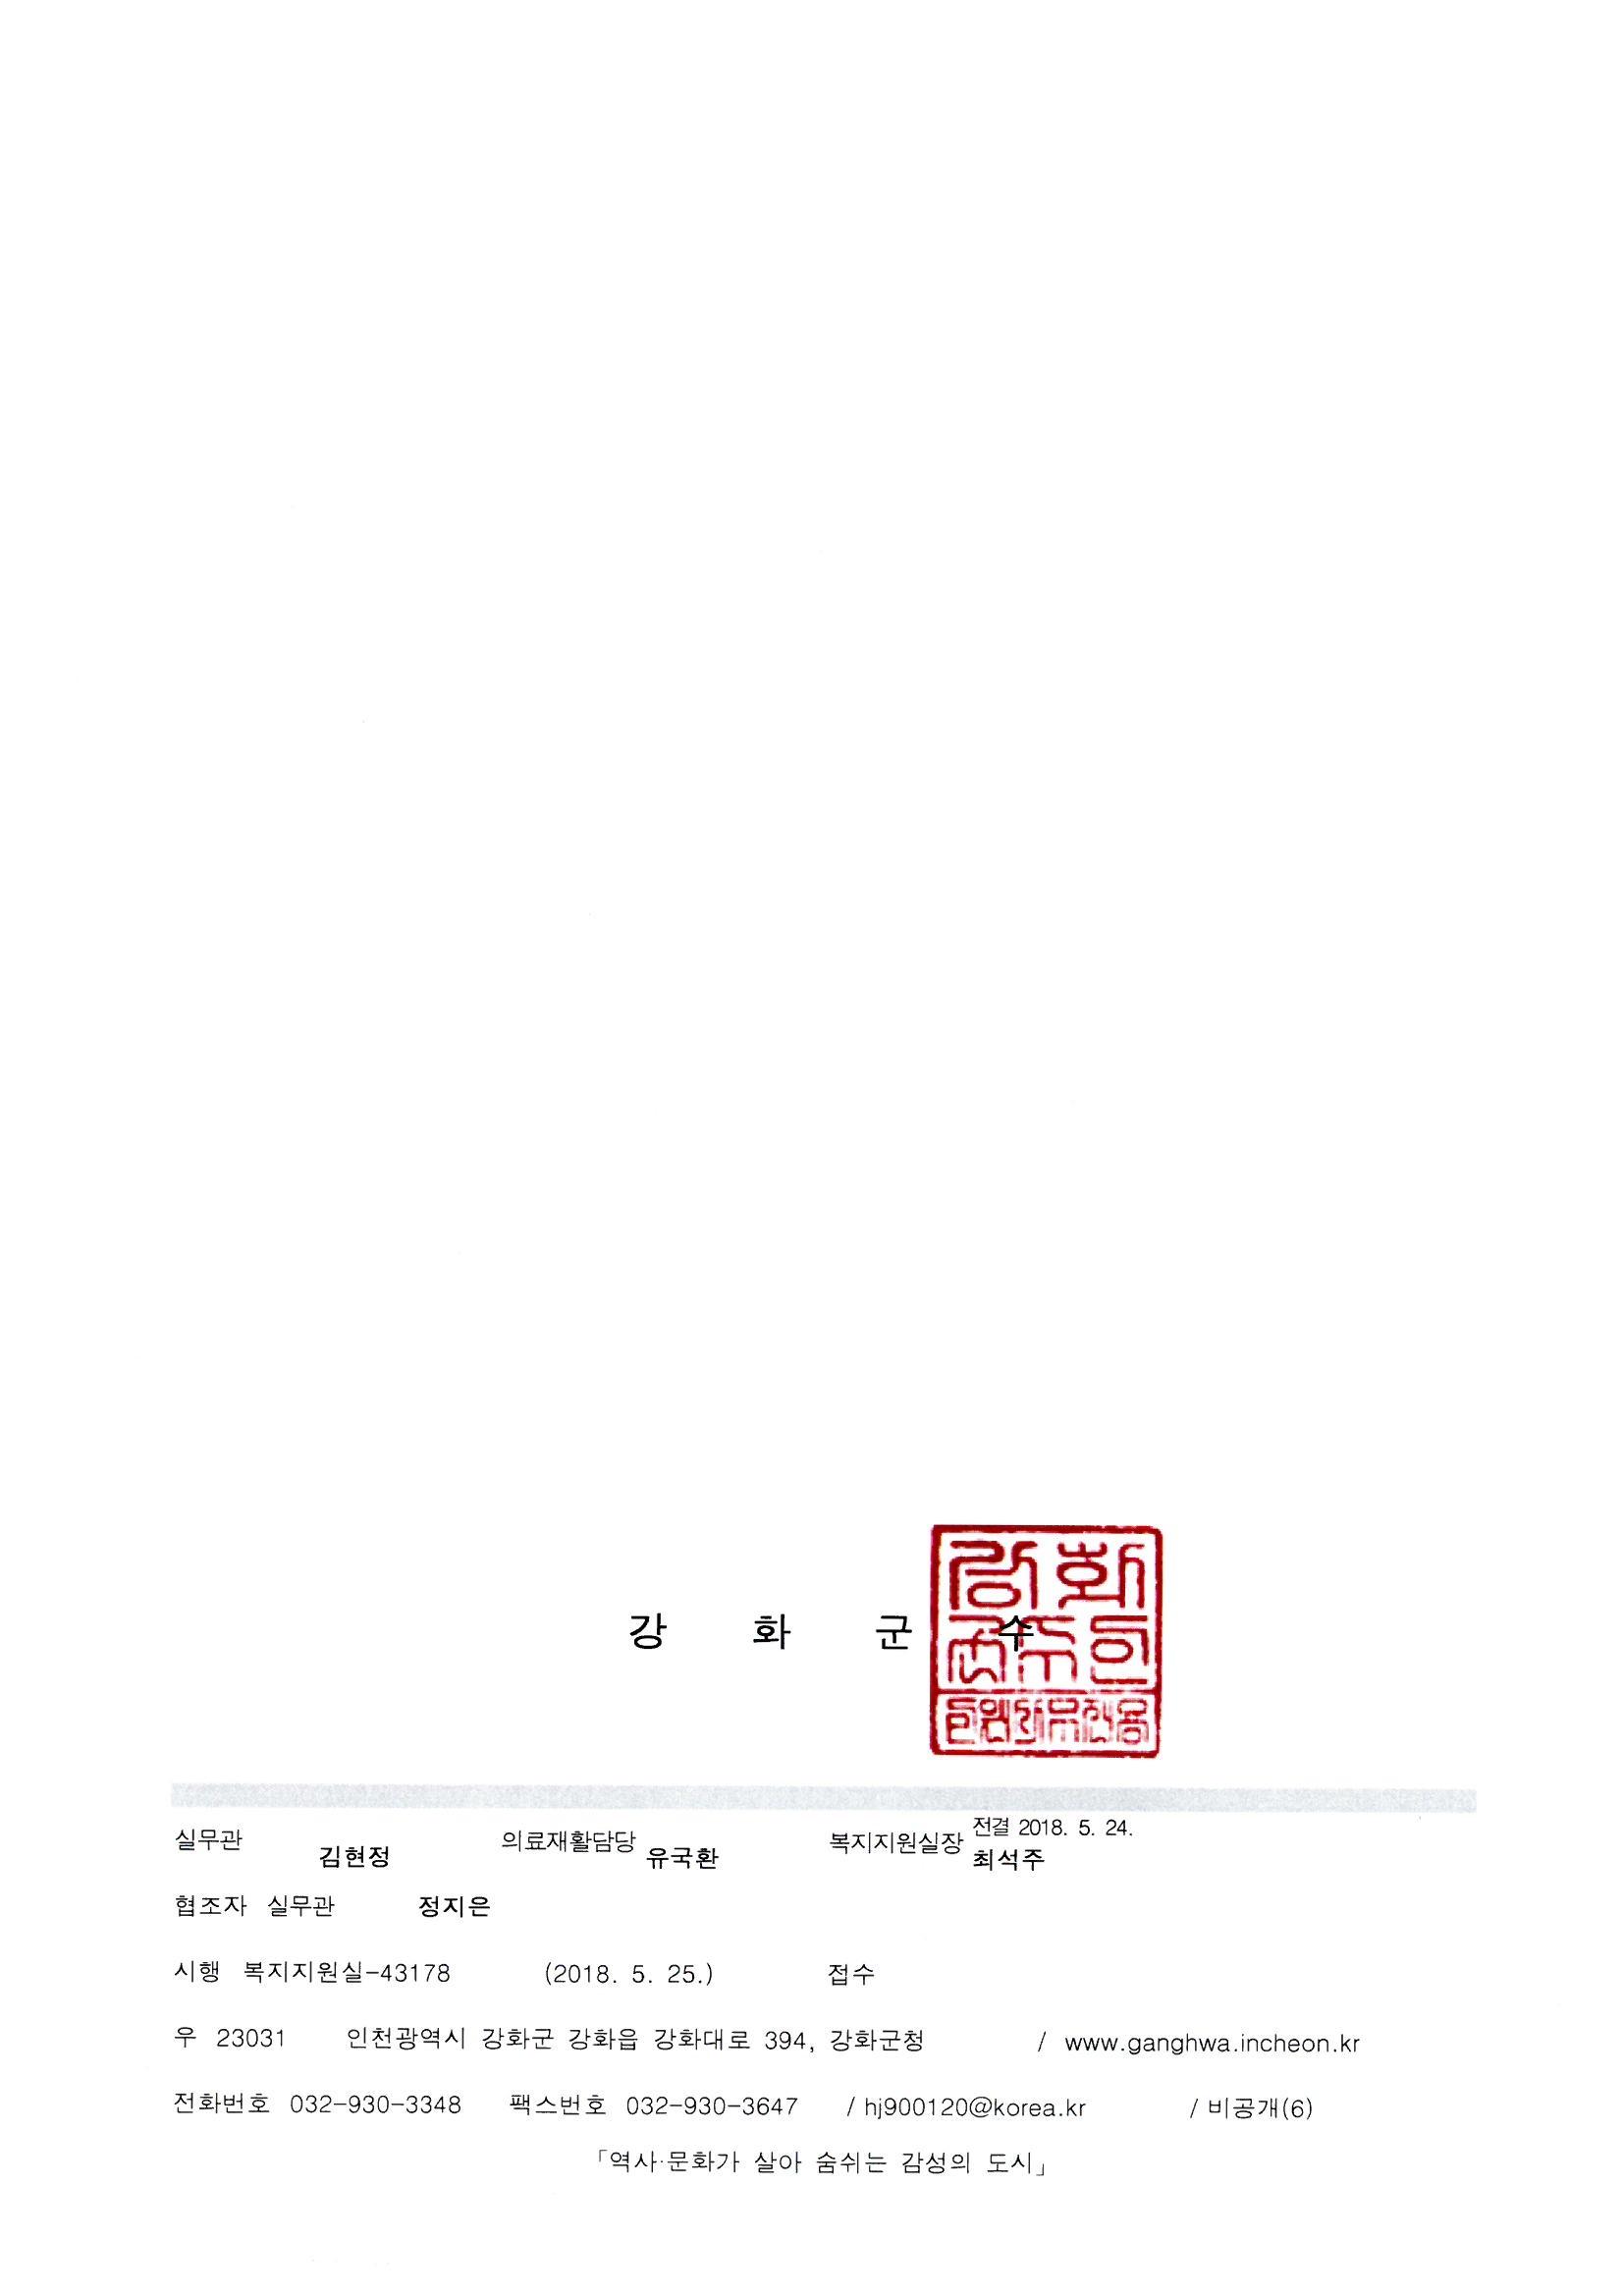 수정_기초생활보장 부적합 결정 안내_강화군 공문_복지지원실-43178(2018.5.25)_2.jpg